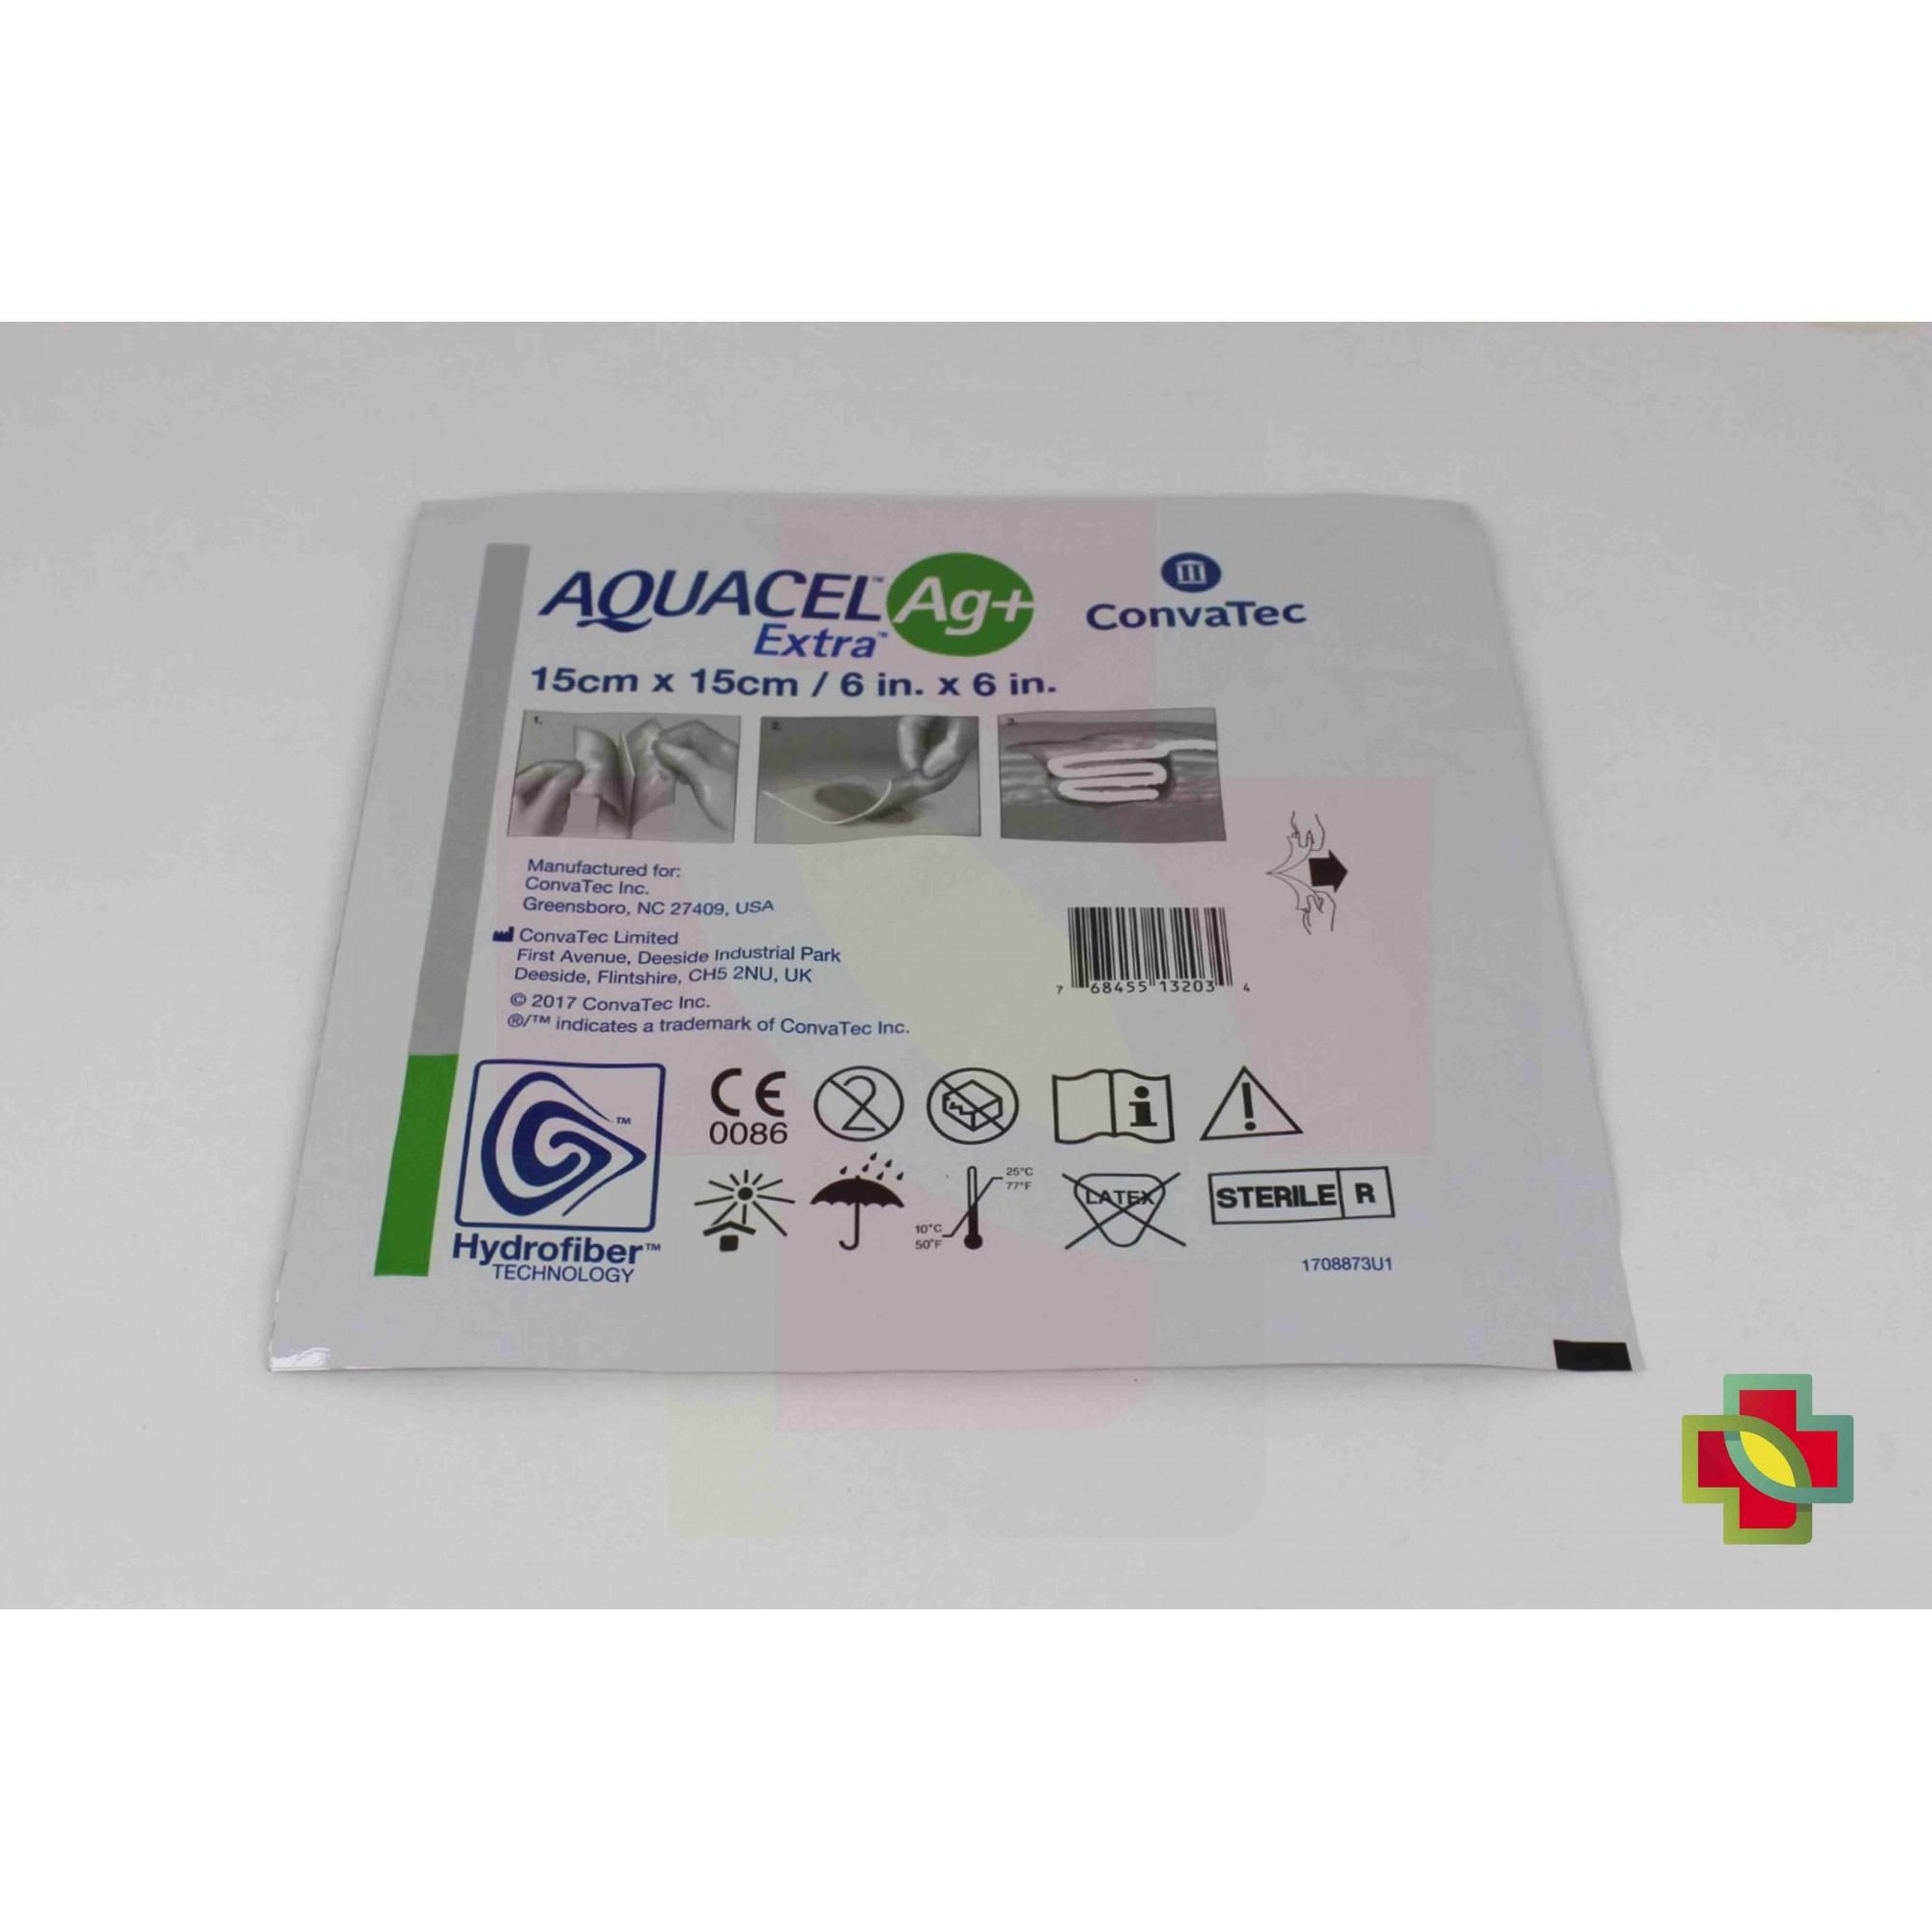 CURATIVO AQUACEL AG+ EXTRA 15 X 15 CM (CX C/ 10 UNDS.) - CONVATEC